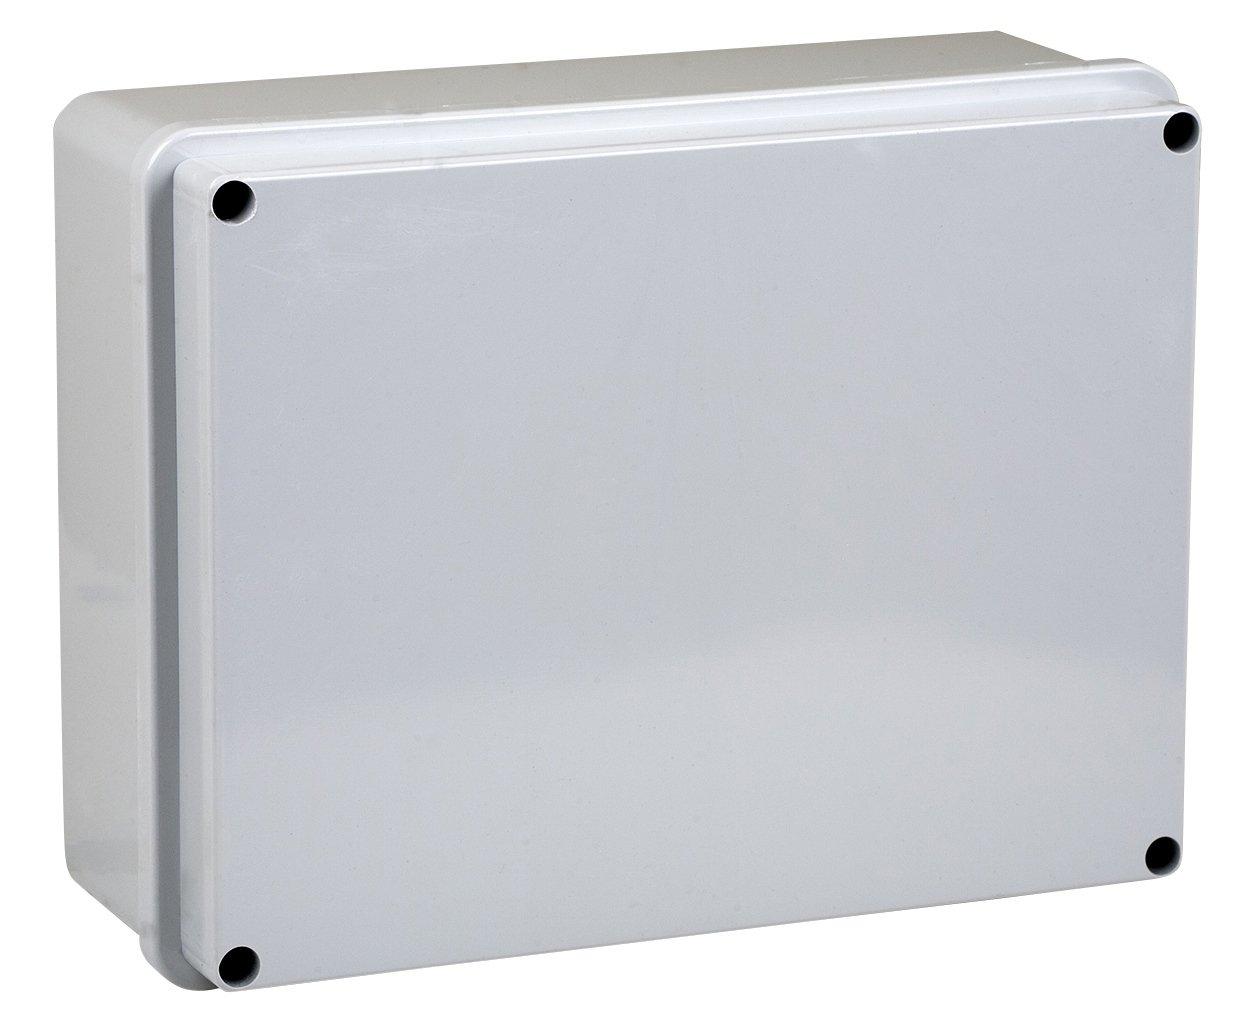 Electraline 60559 - Caja de derivación 150 x 110 x 70 mm: Amazon.es: Bricolaje y herramientas